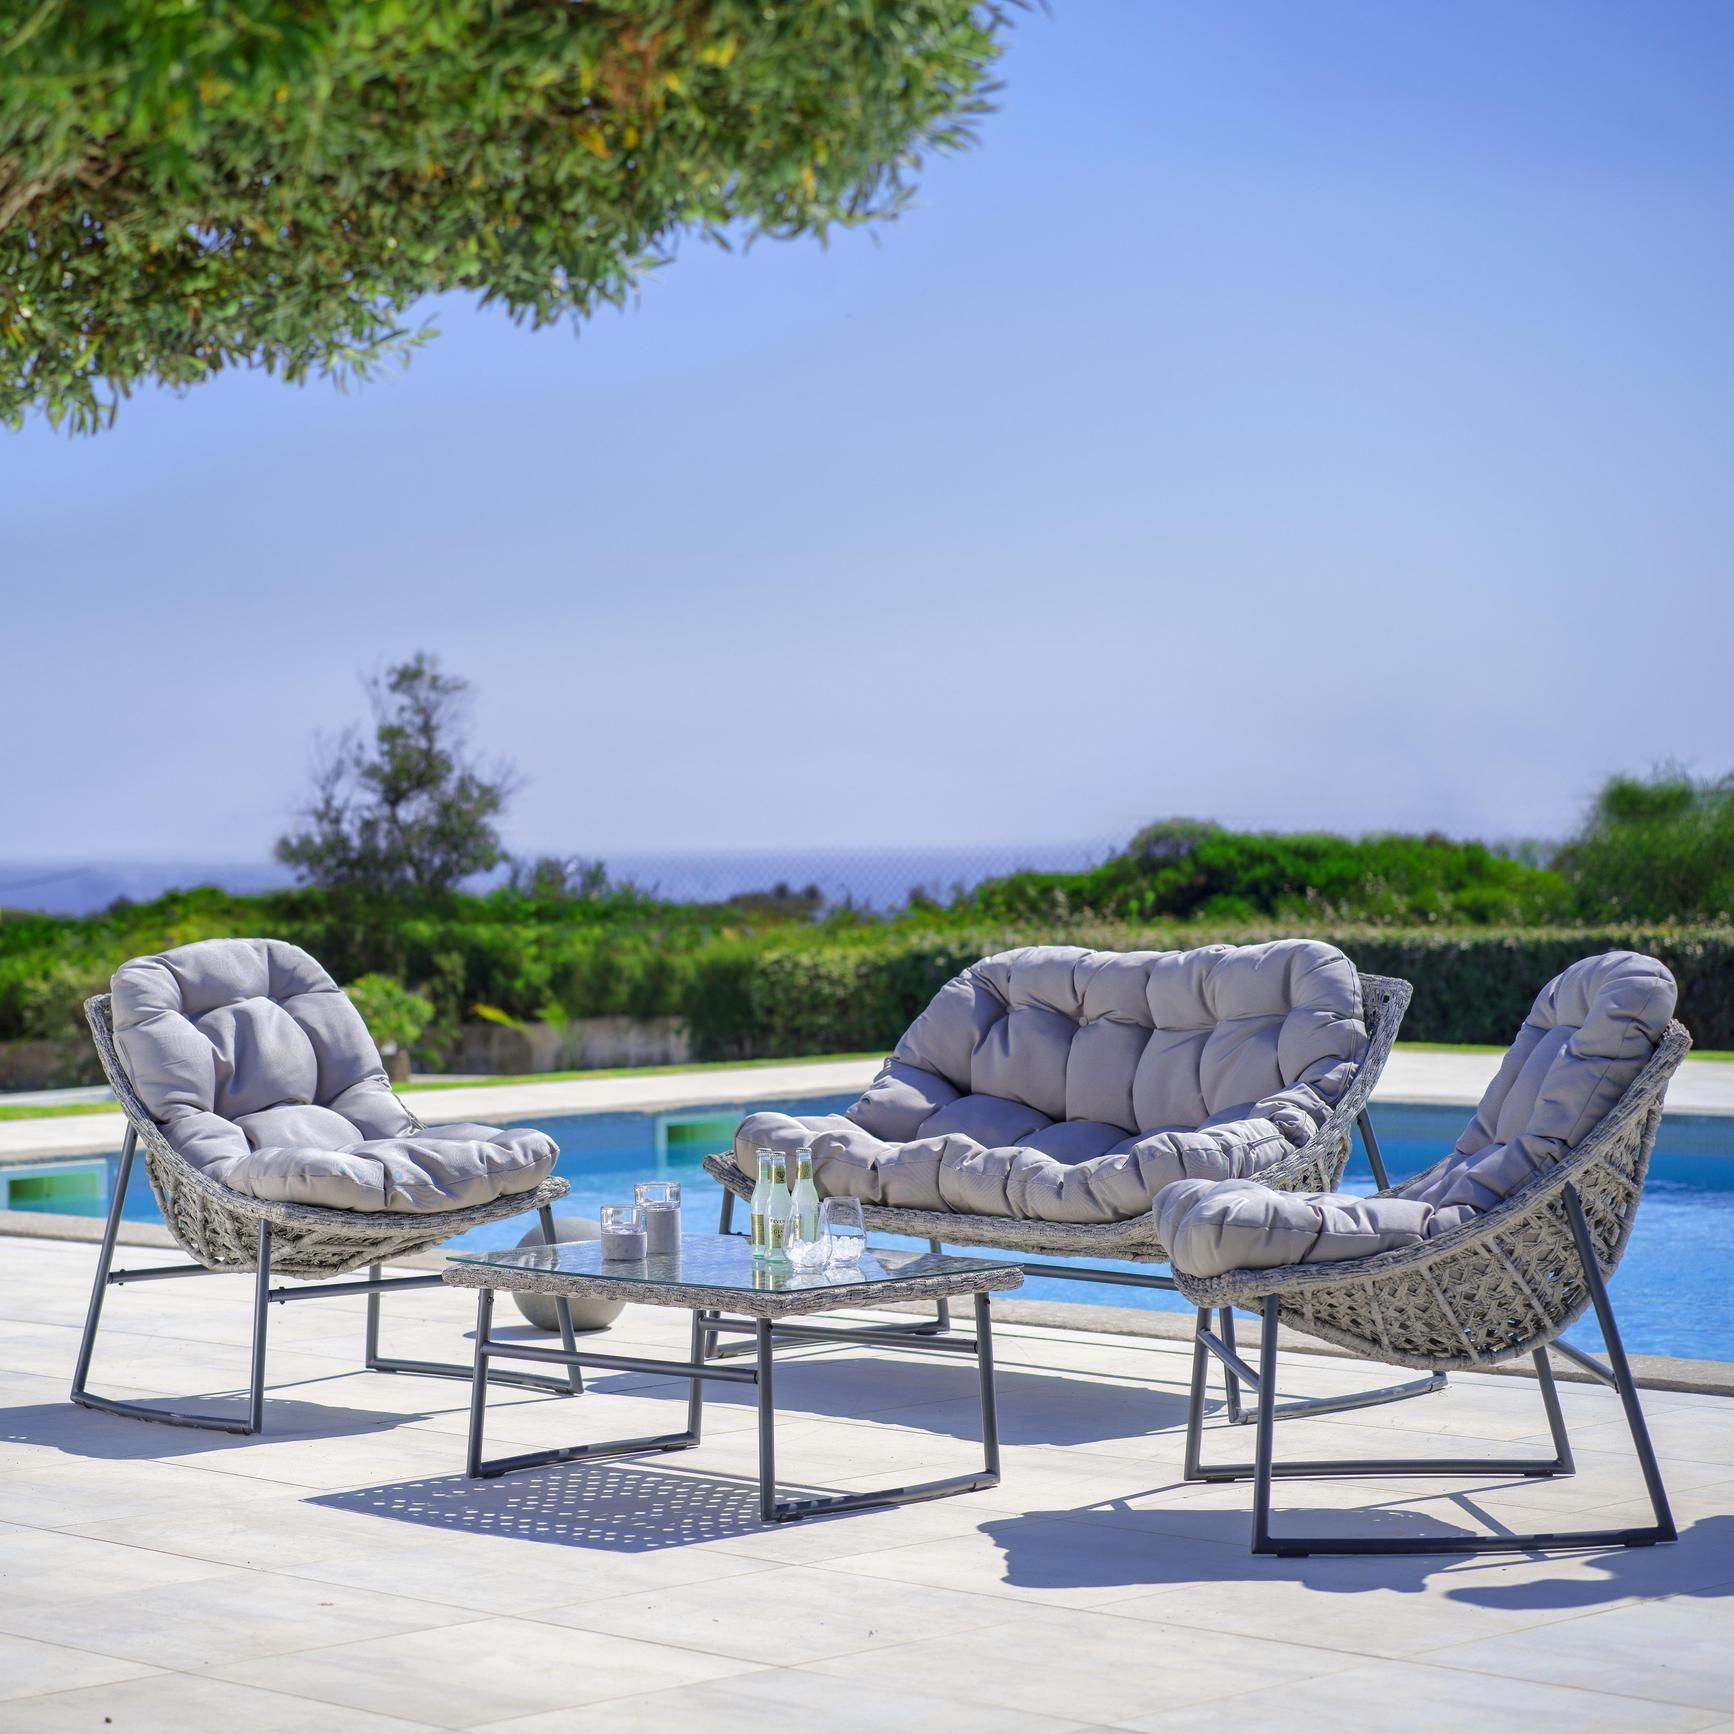 Loungegarnitur Cathy Inkl Auflagen Online Kaufen Momax Polyrattan Polyrattan Sitzgruppe Lounge Garnitur